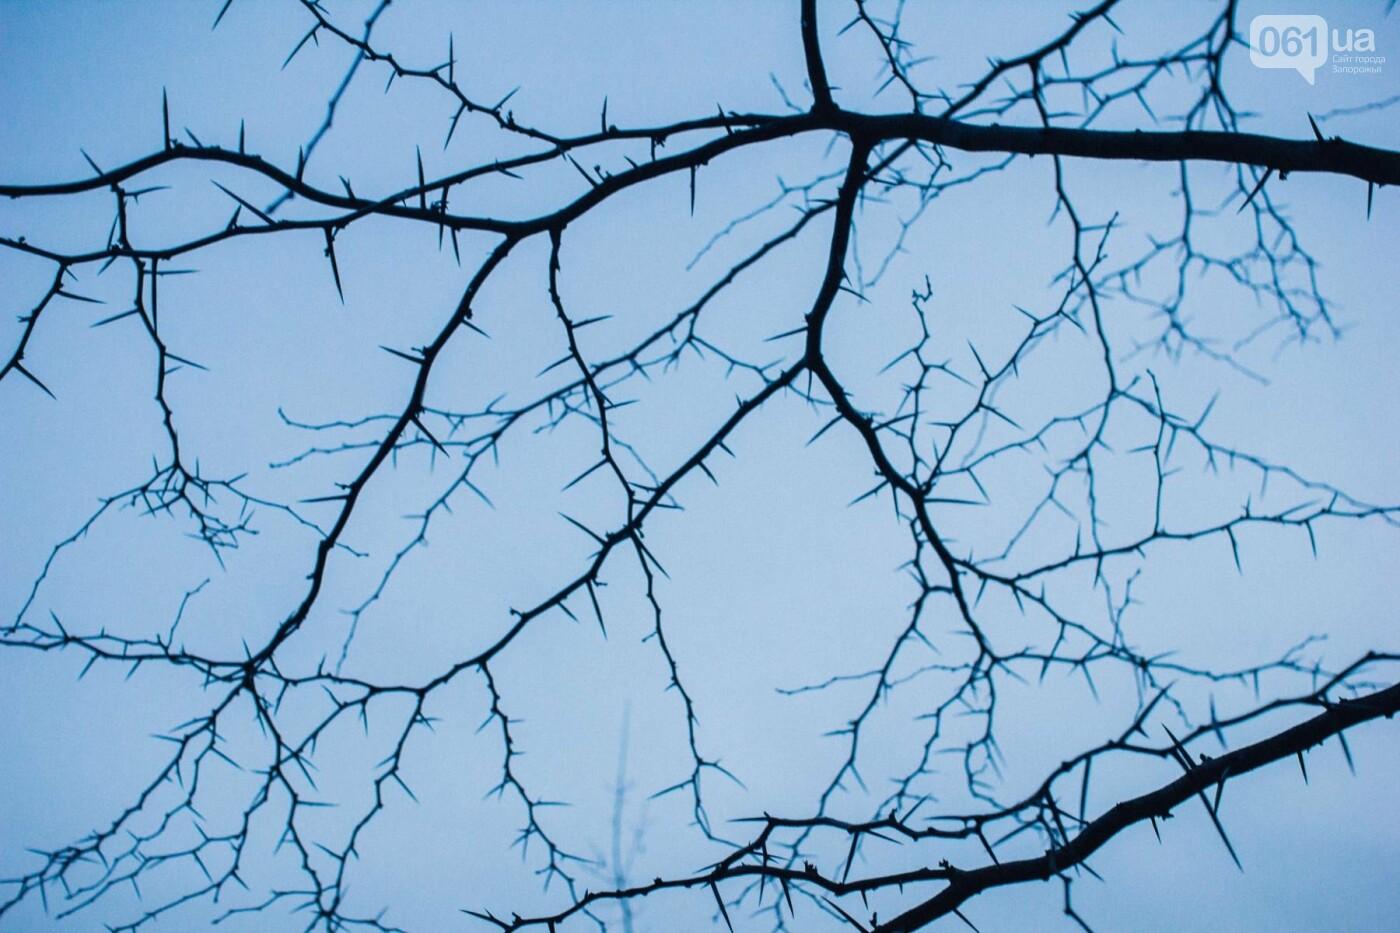 Четыре дня до зимы: как выглядит Хортица поздней осенью, - ФОТОРЕПОРТАЖ, фото-19